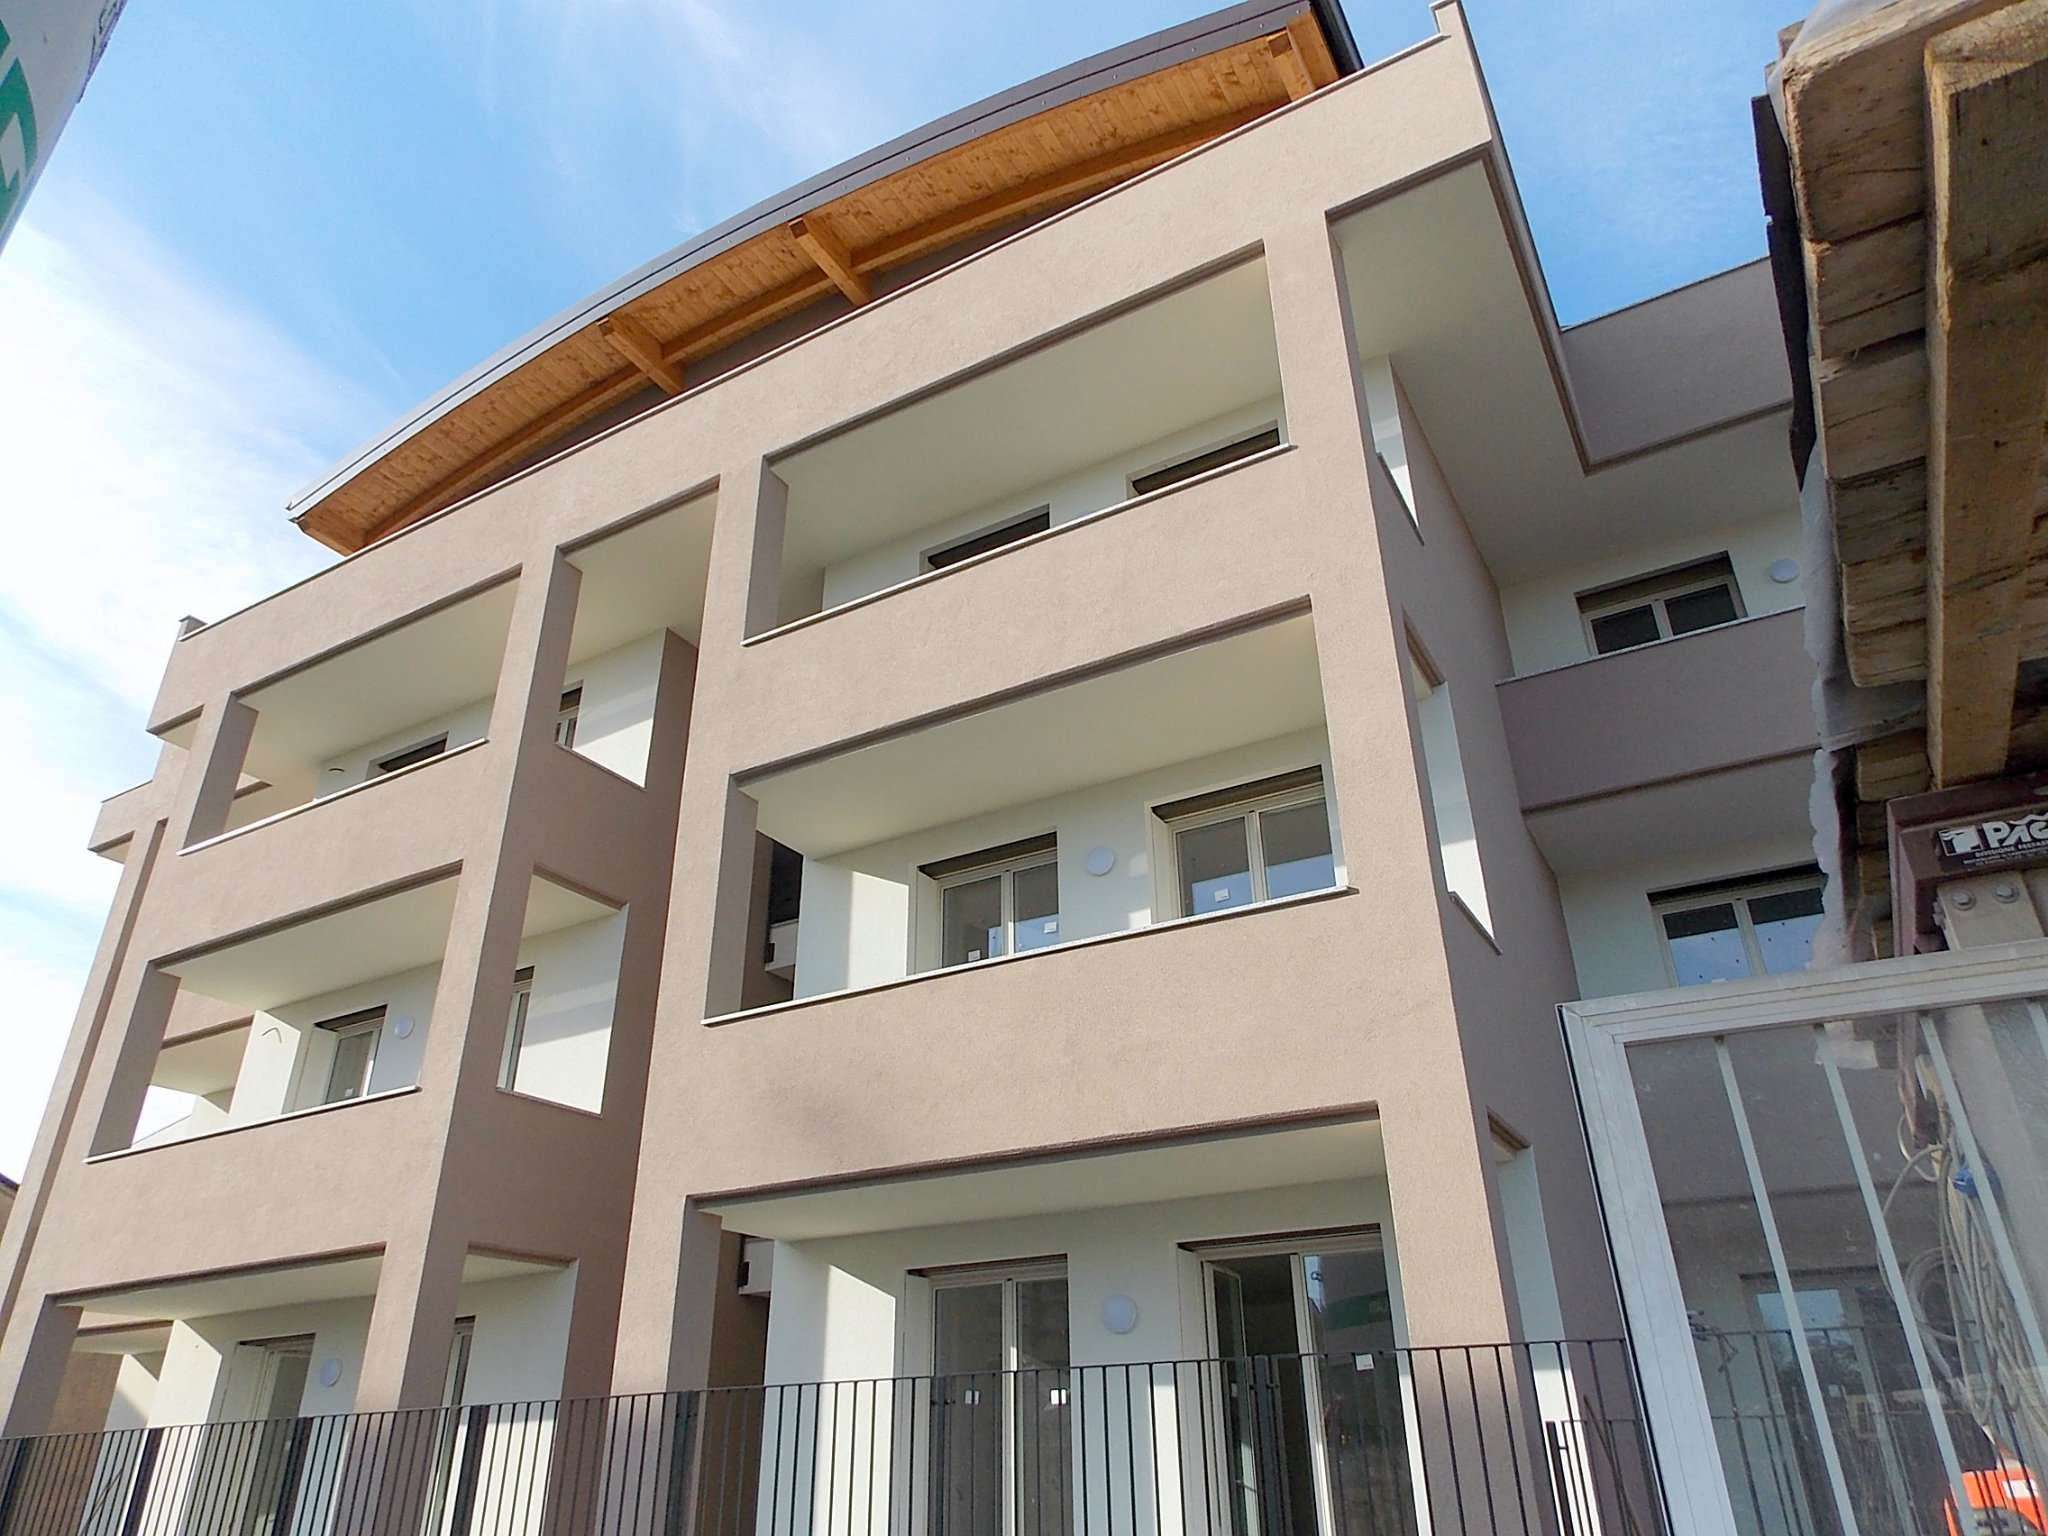 Appartamento in vendita a Lissone, 3 locali, prezzo € 250.000 | CambioCasa.it